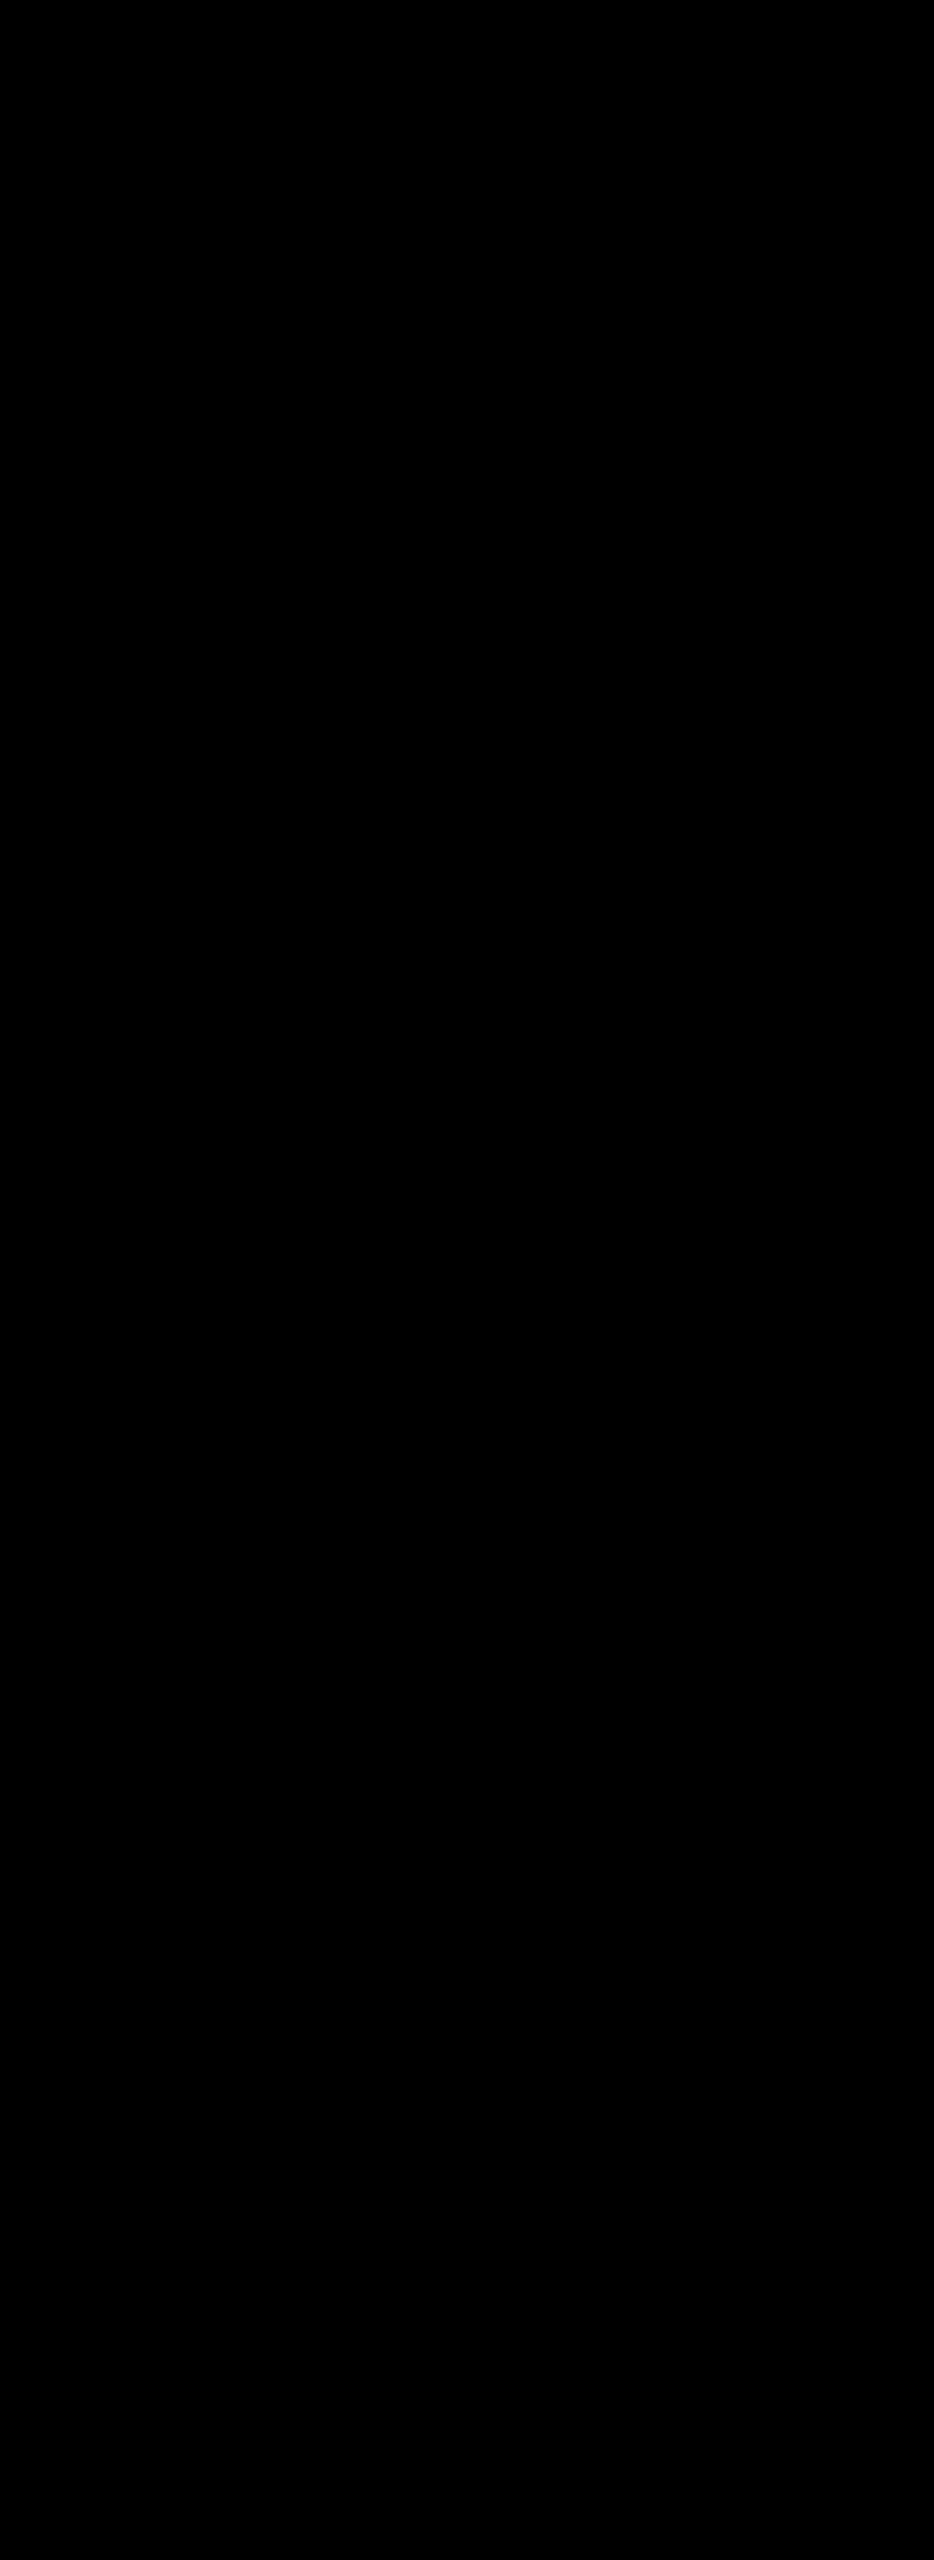 Klassische Mora Standuhr aus alter Zeit